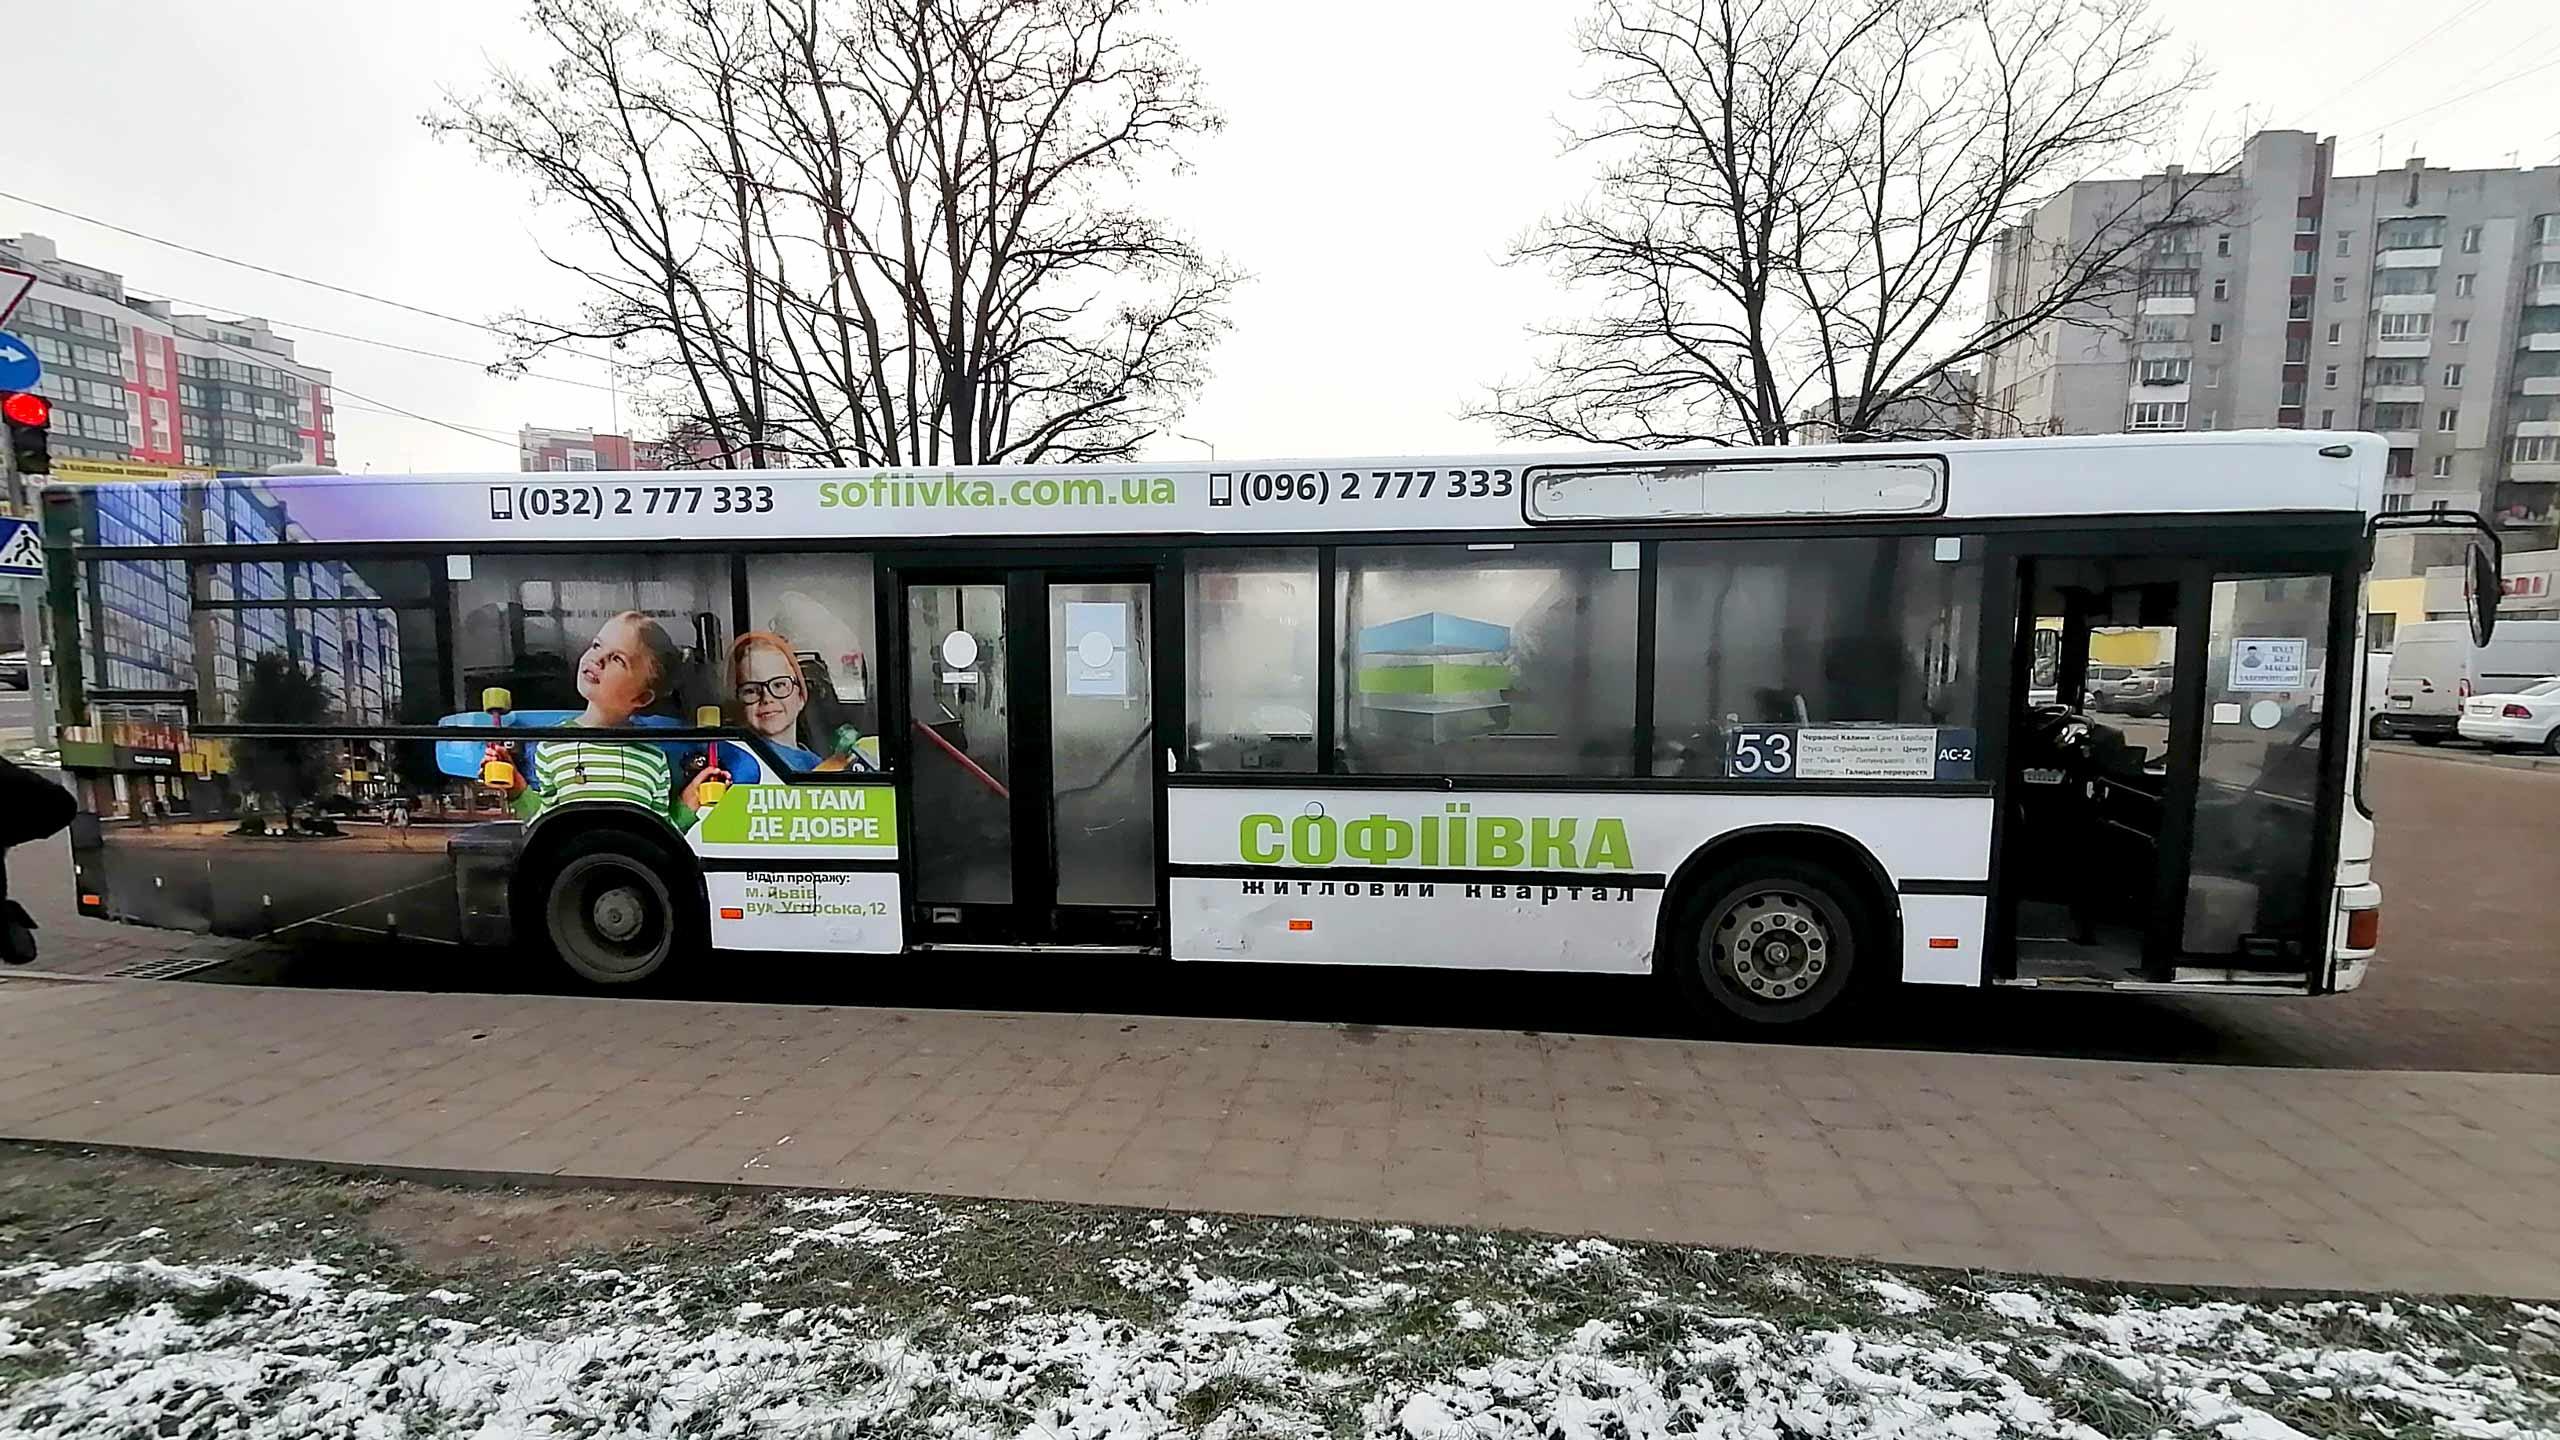 реклама туризма на автобусах